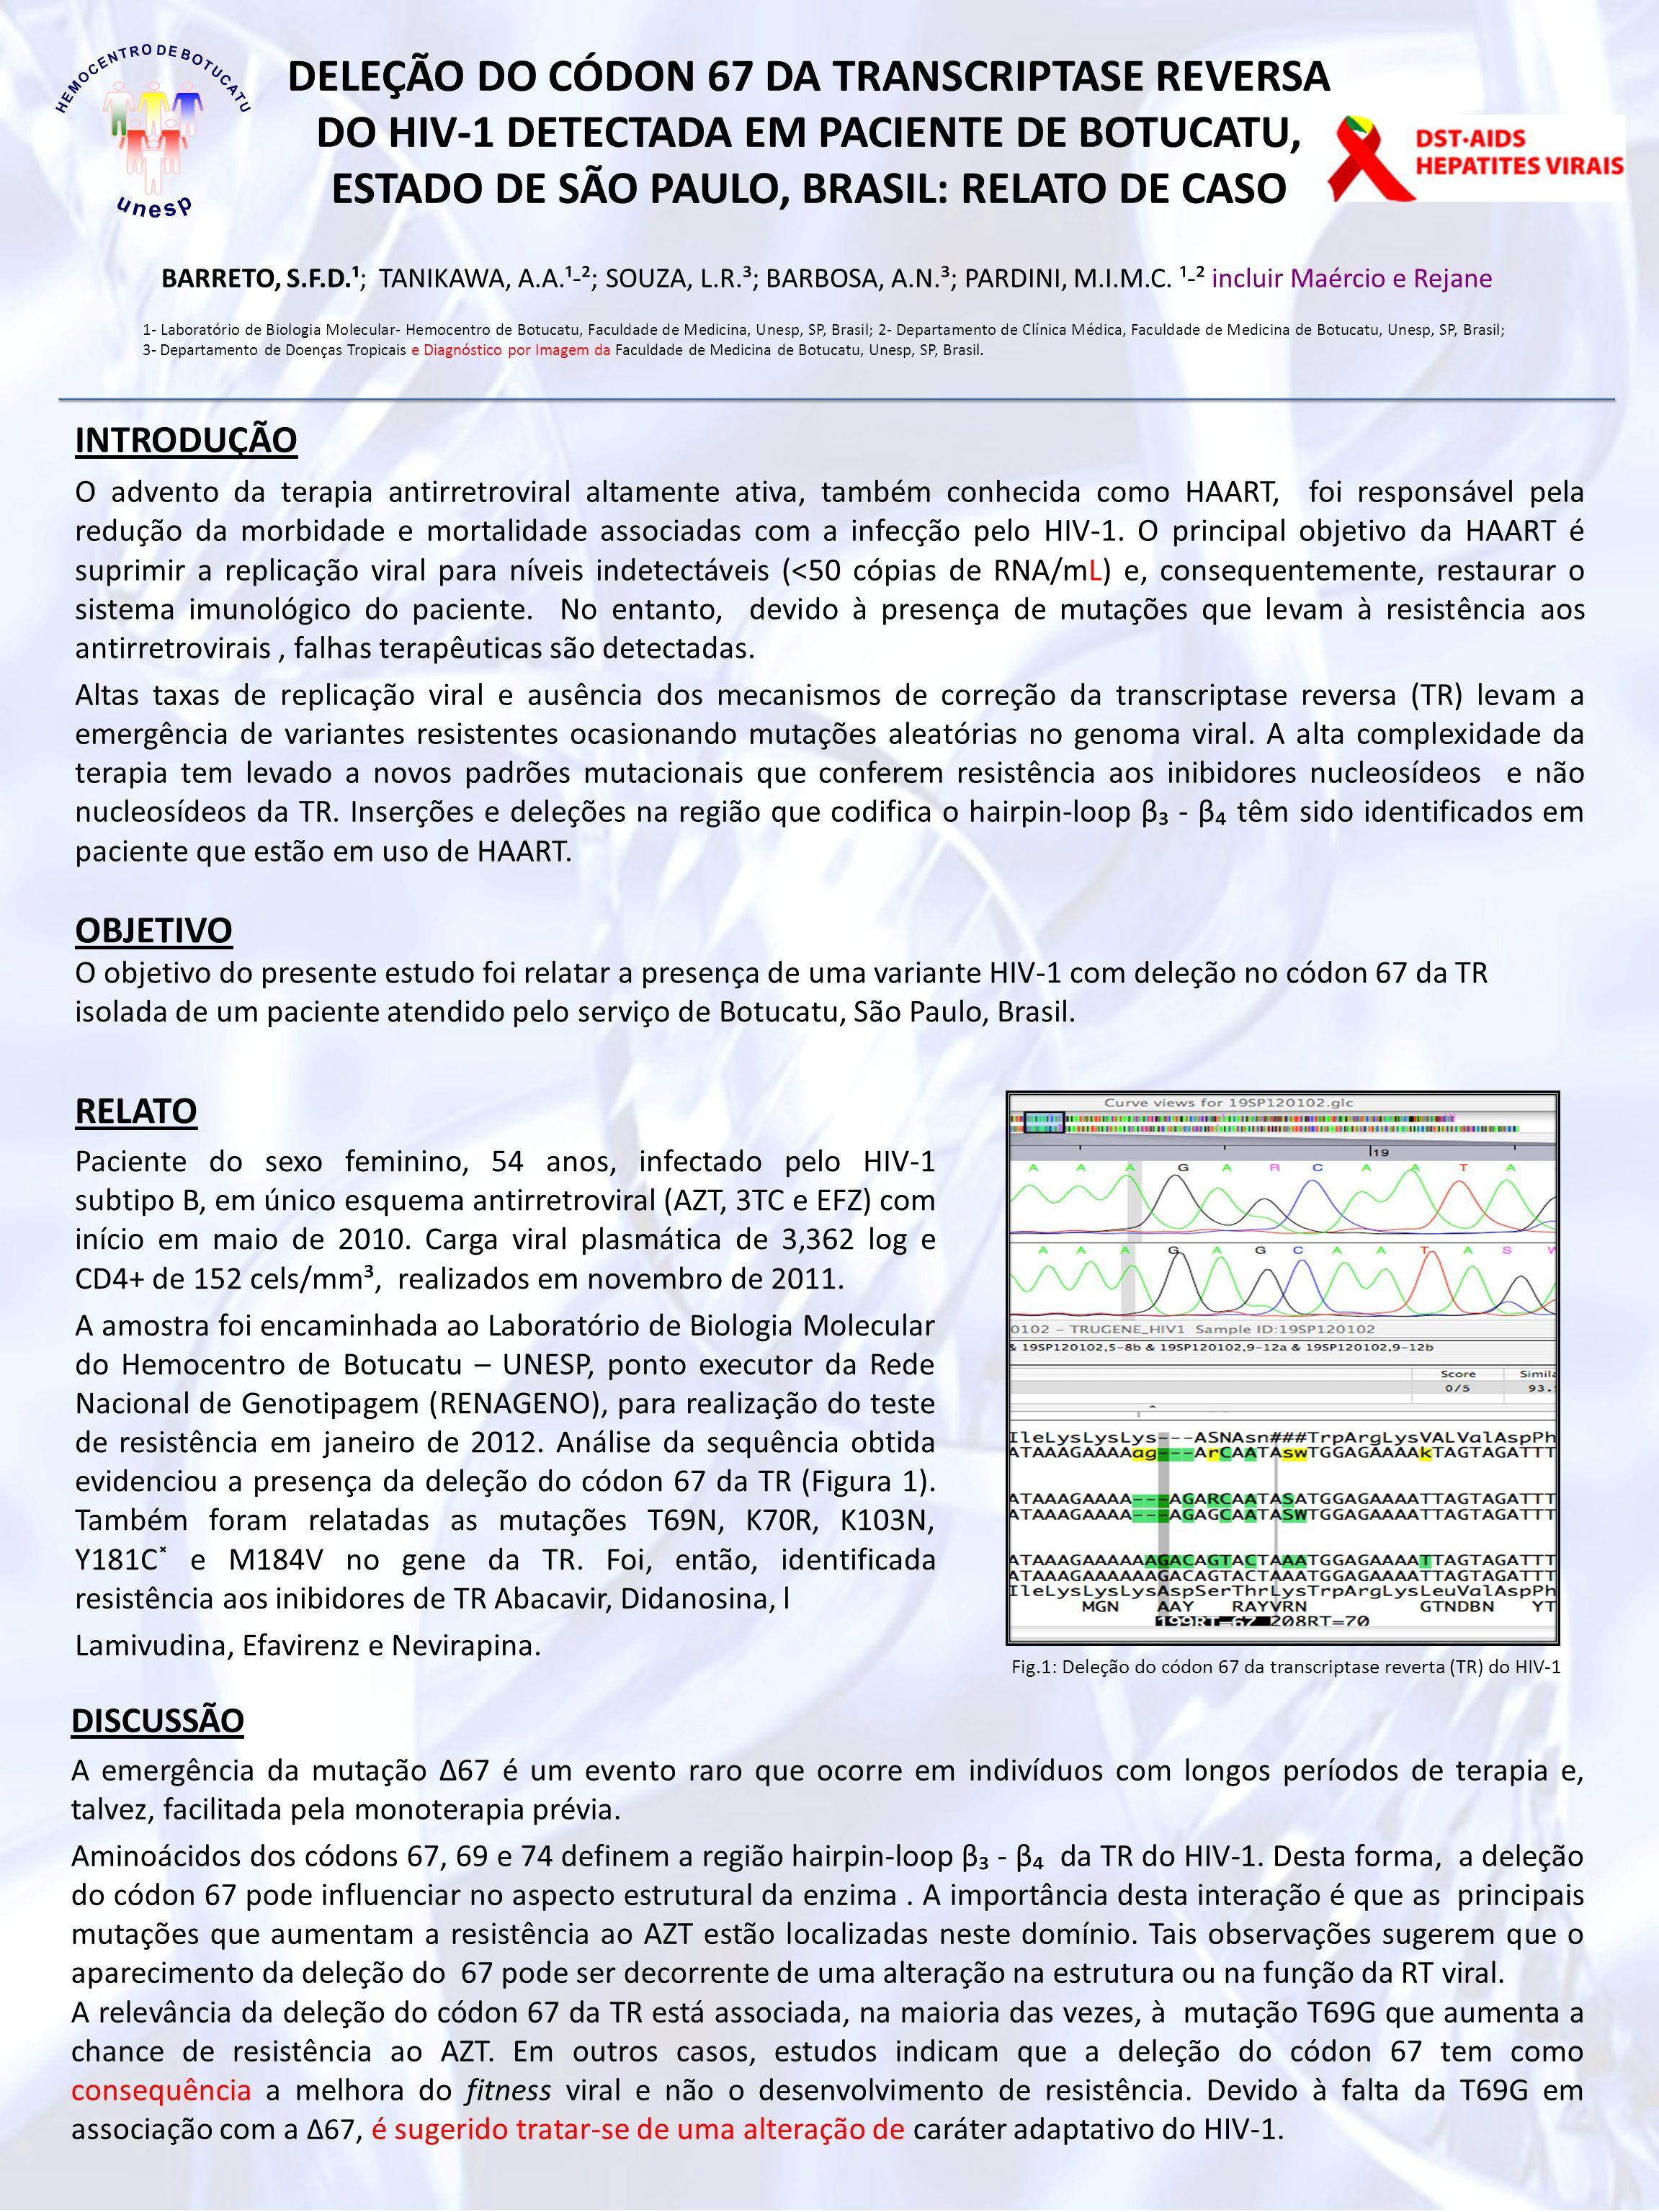 DELEÇÃO DO CÓDON 67 DA TRANSCRIPTASE REVERSA DO HIV-1 DETECTADA EM PACIENTE DE BOTUCATU, ESTADO DE SÃO PAULO, BRASIL: RELATO DE CASO